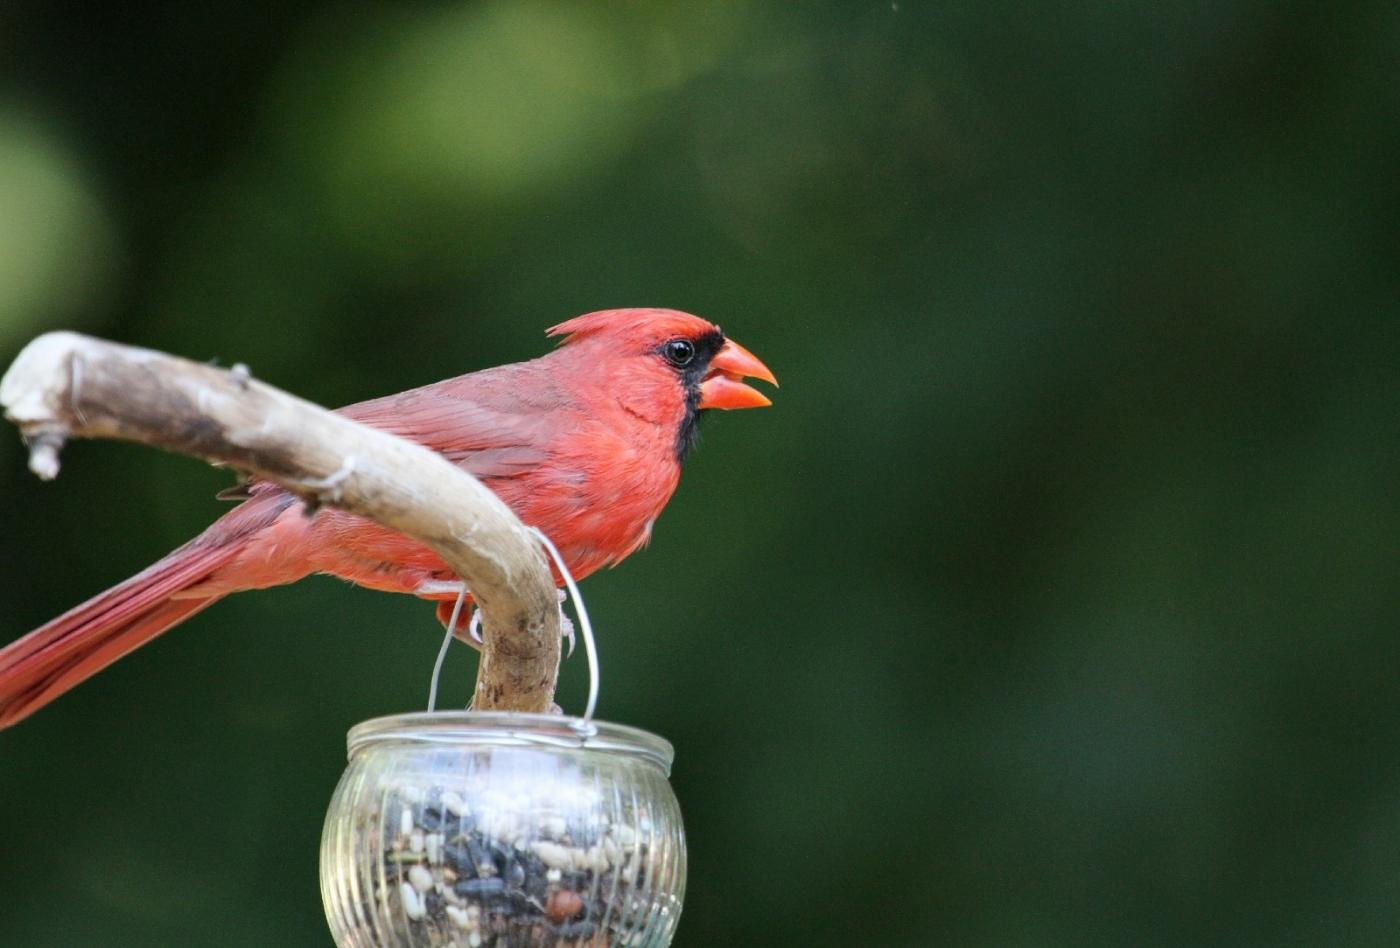 【田螺摄影】做个漂亮的喂鸟器更吸引红衣主教_图1-11